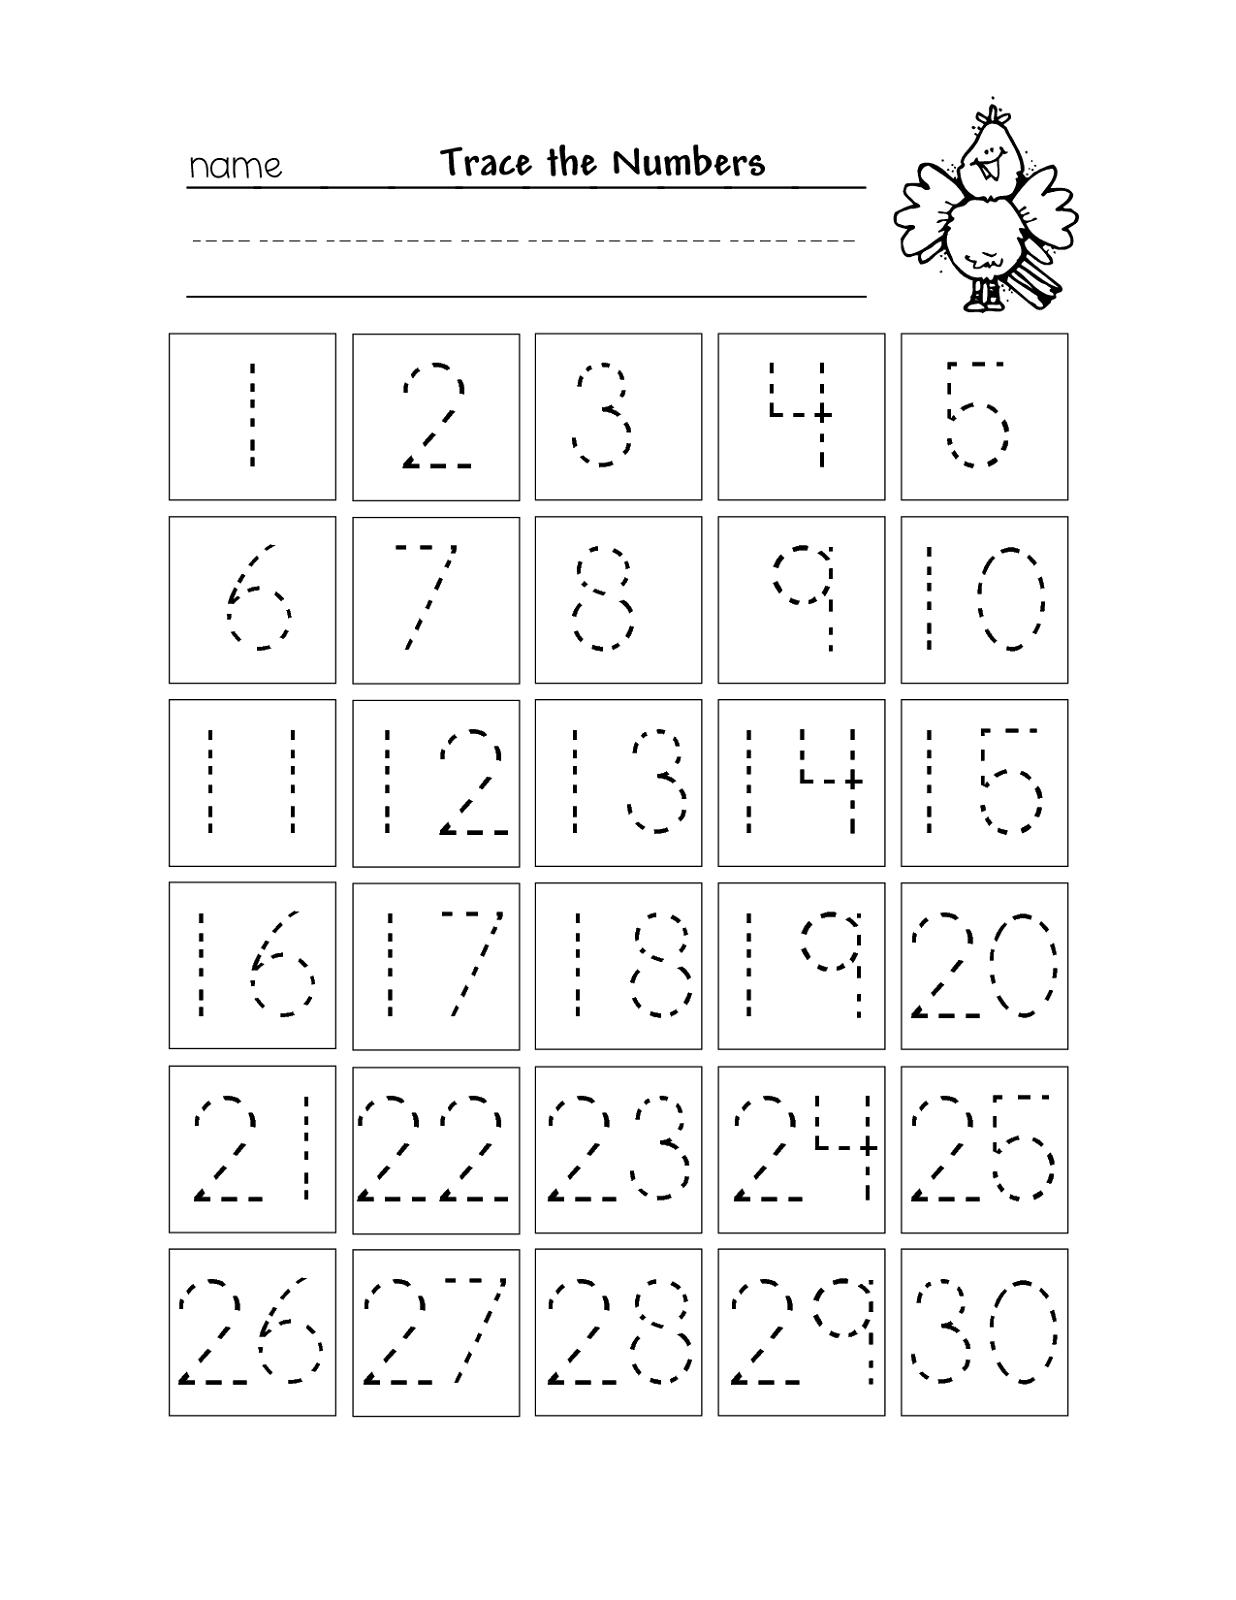 Free Printable Number Chart 1-30 | Kinder | Number Tracing - Free Printable Number Worksheets